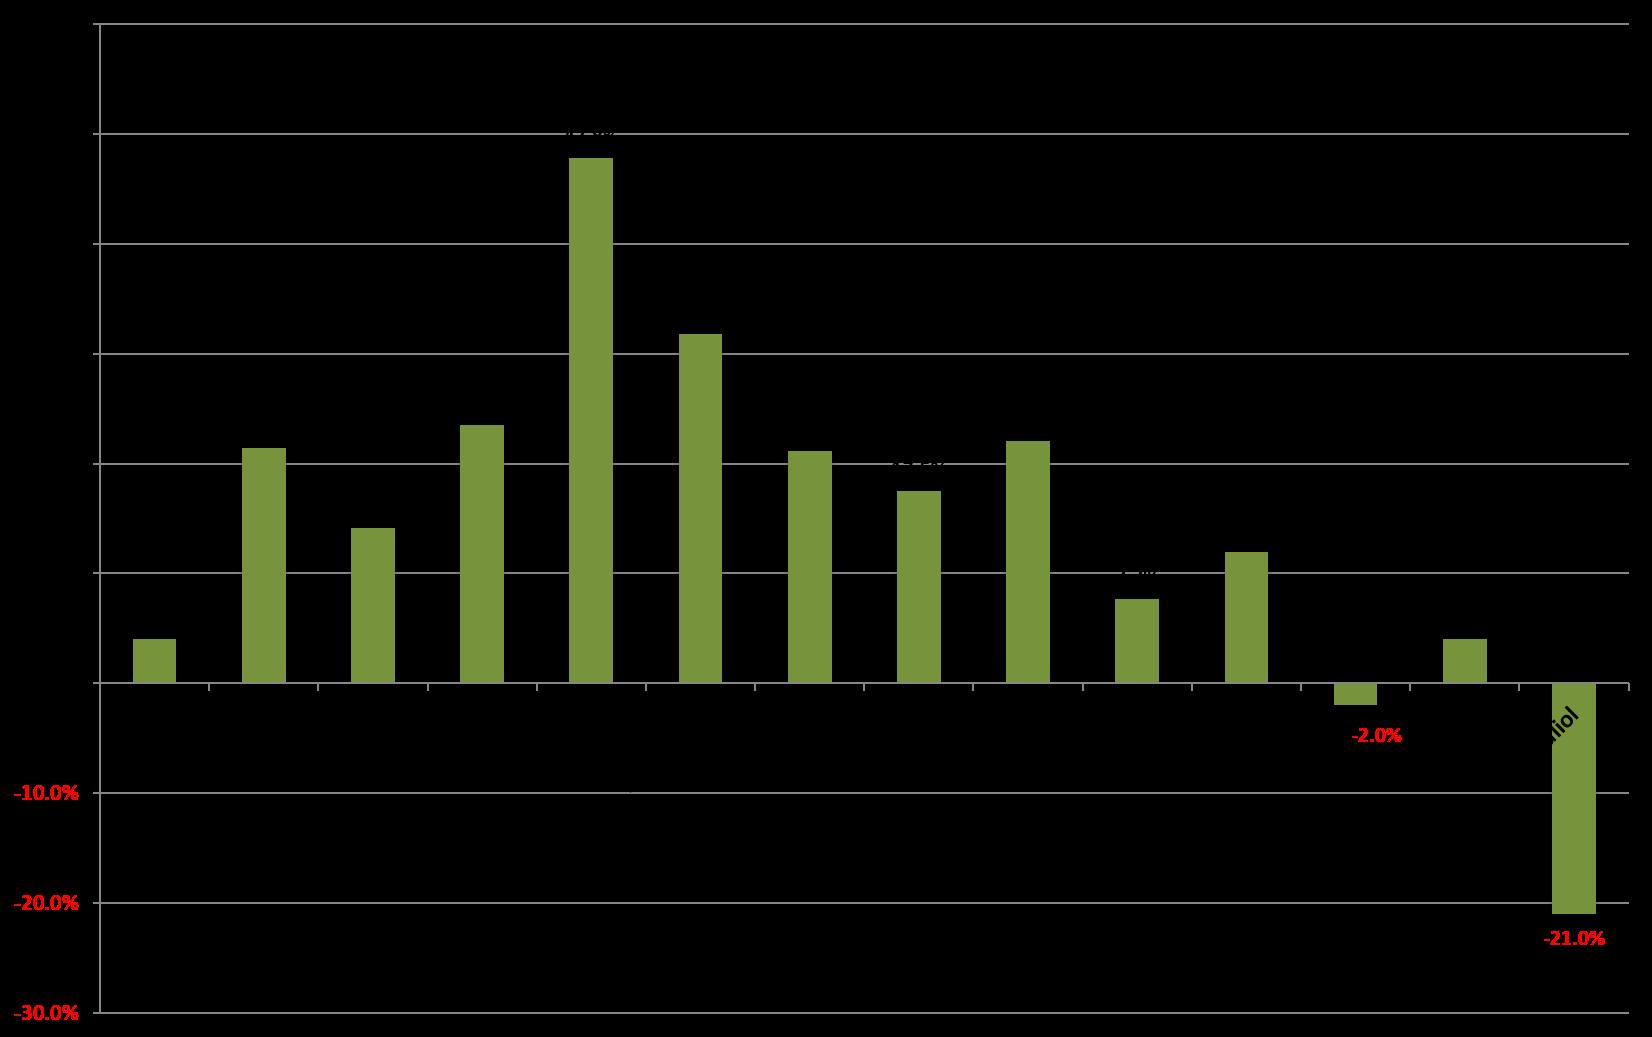 Com més gran és el percentatge de cancel·lacions en cada mes d'estada respecte l'any anterior